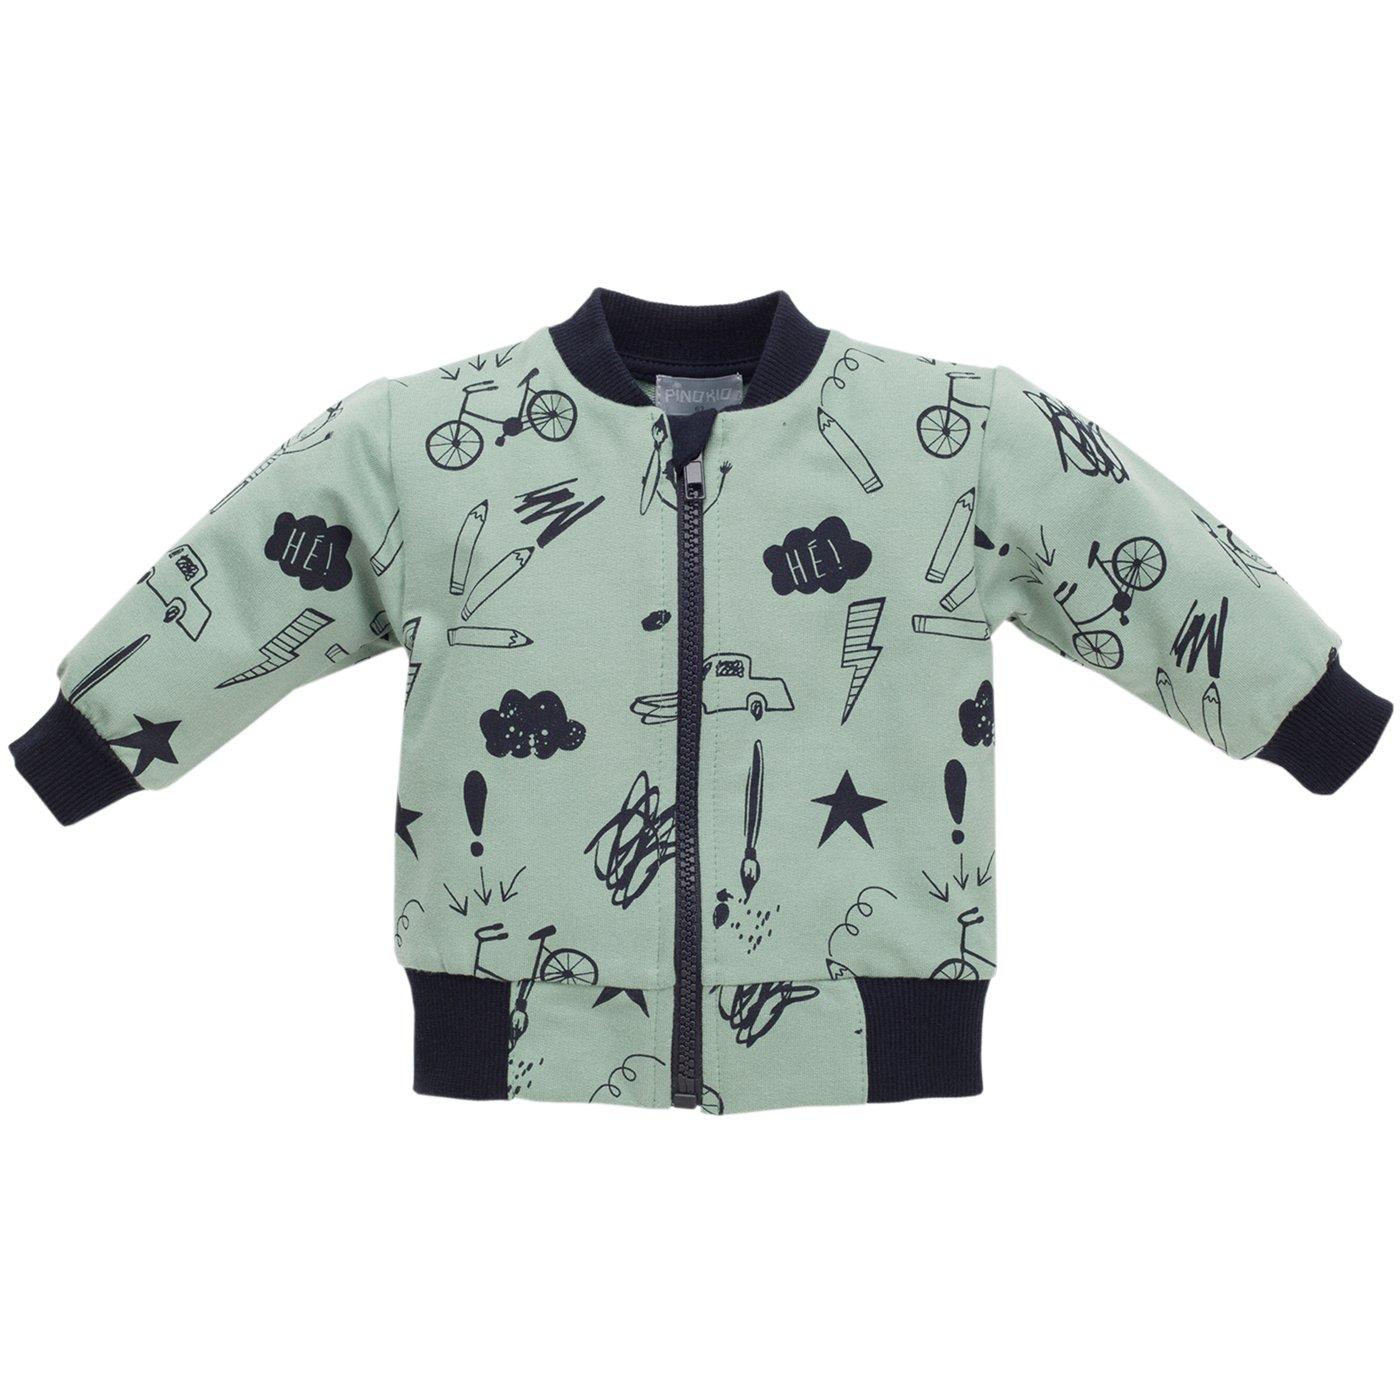 Pinokio - Xavier - Sweatjacke für Babys und Kids - 100% Baumwolle, türkis/grün mit Reißverschluss - Jäckchen mit netten Motiven